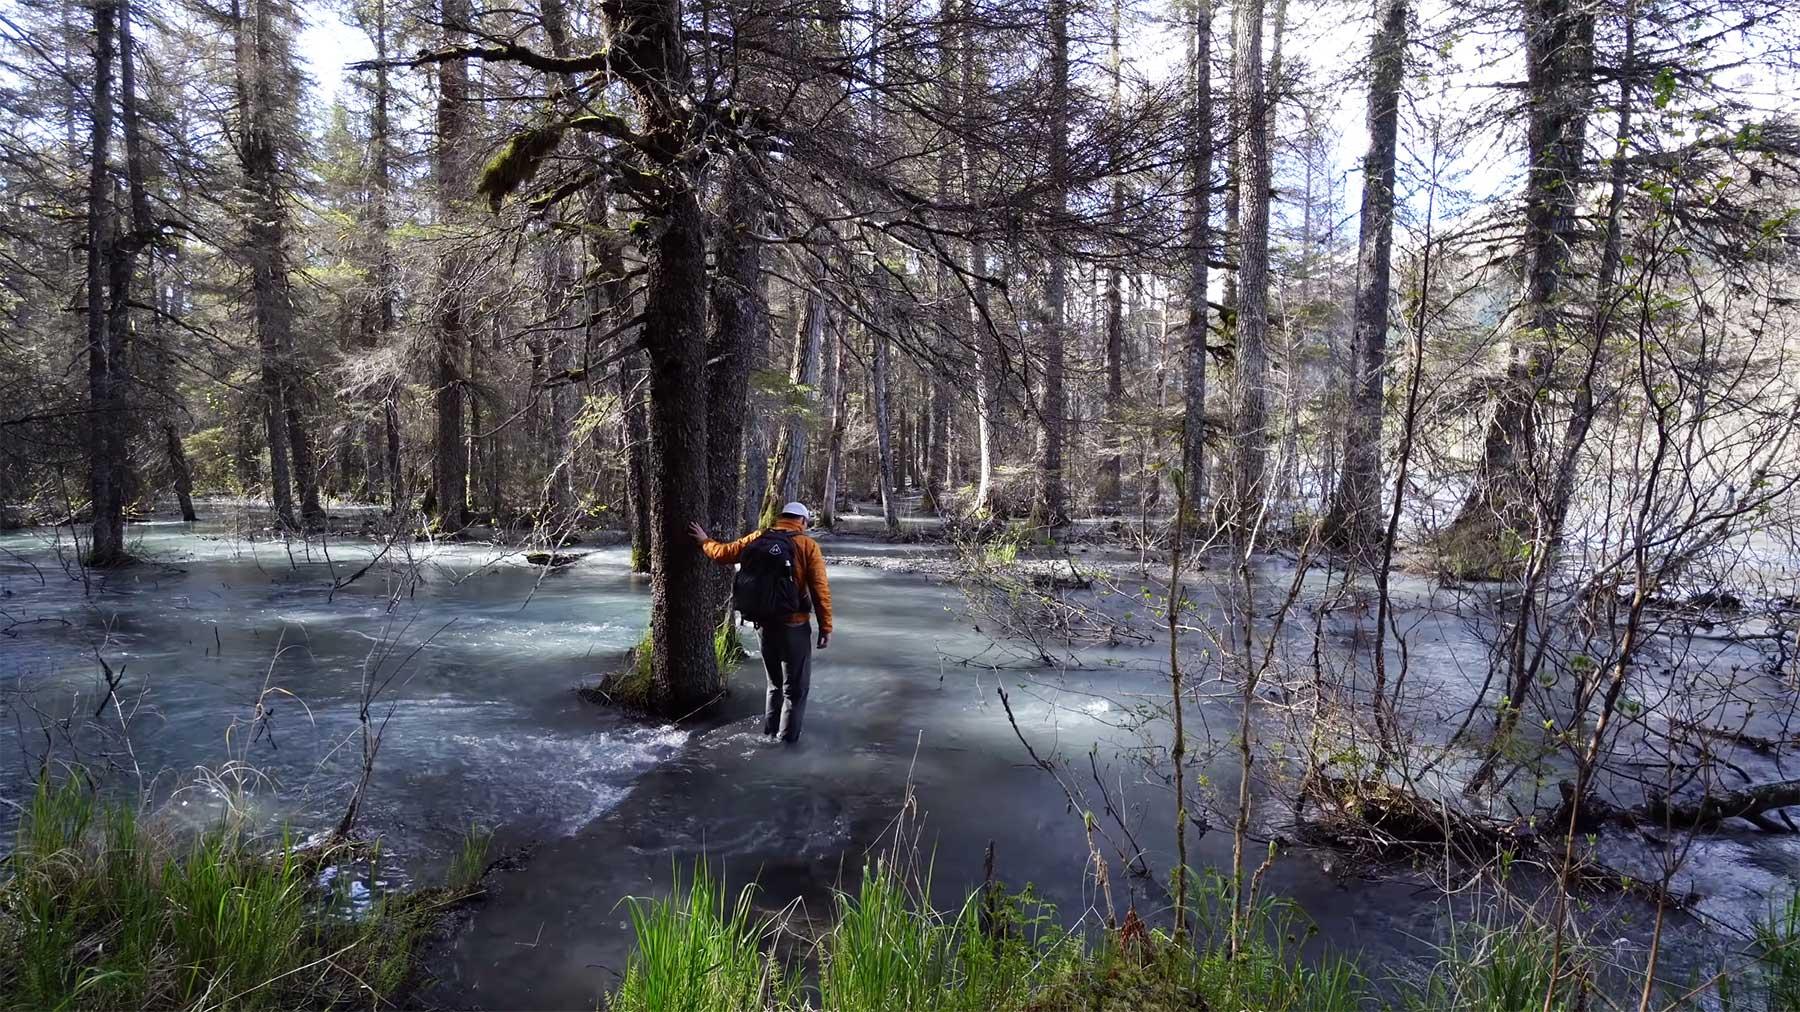 100 Meilen alleine durch Alaska wandern Hiking-100-Miles-Alone-in-Alaska